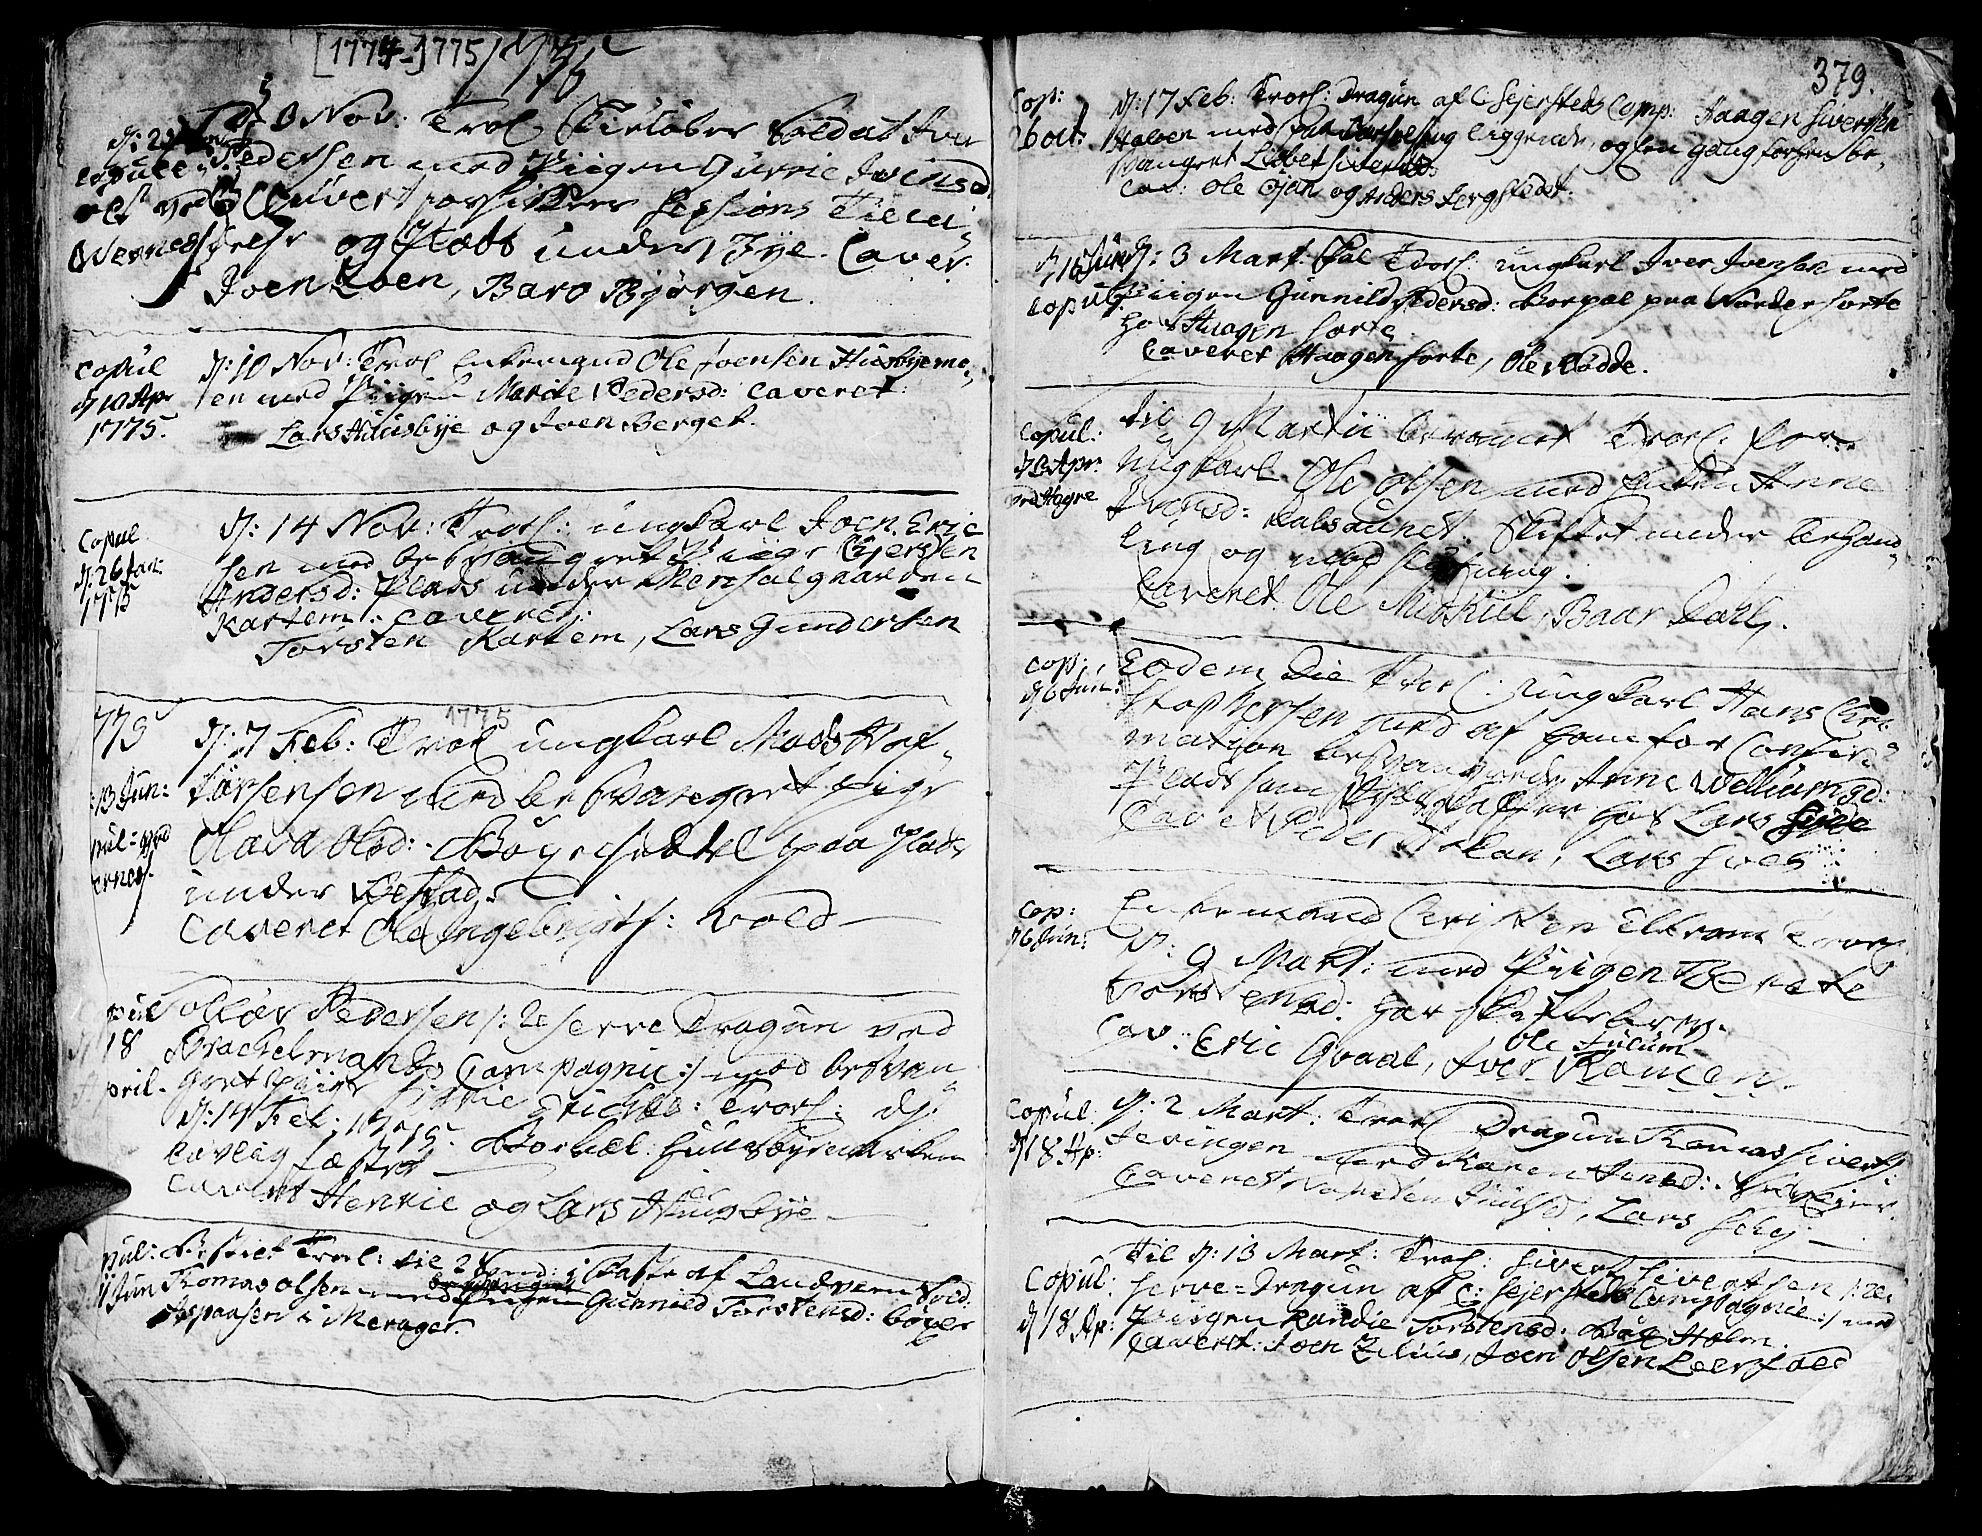 SAT, Ministerialprotokoller, klokkerbøker og fødselsregistre - Nord-Trøndelag, 709/L0057: Ministerialbok nr. 709A05, 1755-1780, s. 379